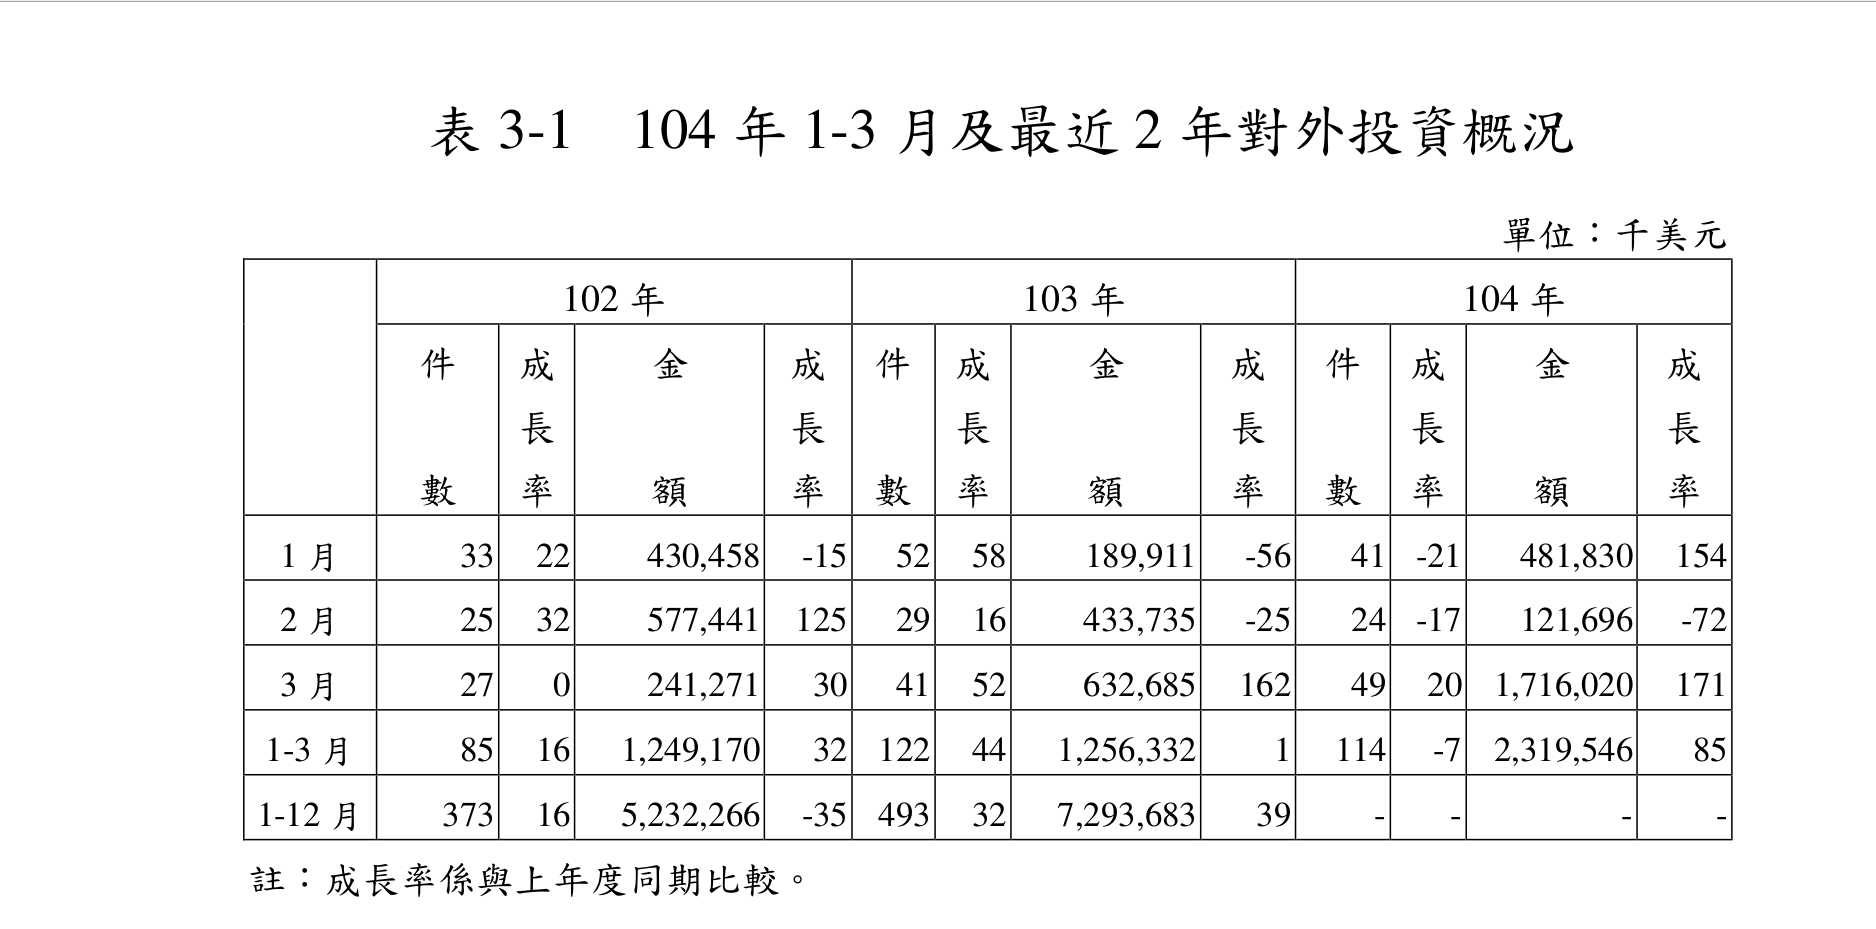 台湾経済104-5-20-2